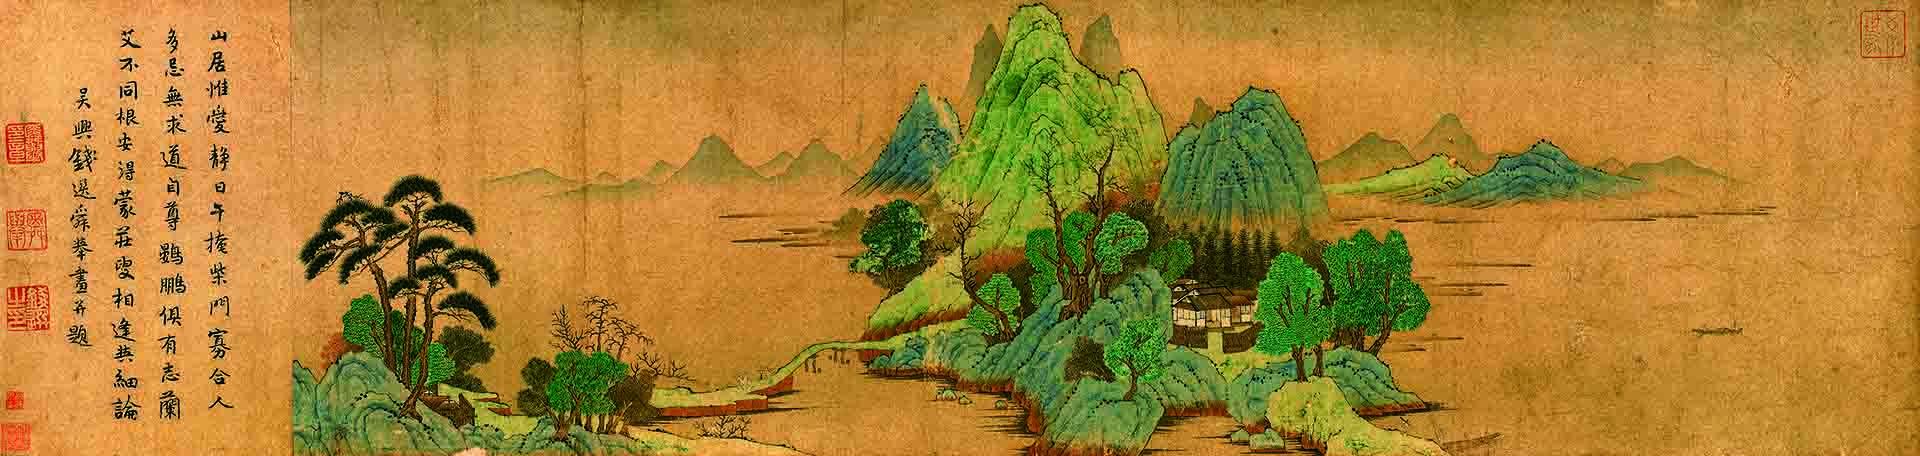 元 钱选 山居图-纸本26.5x111.6北京